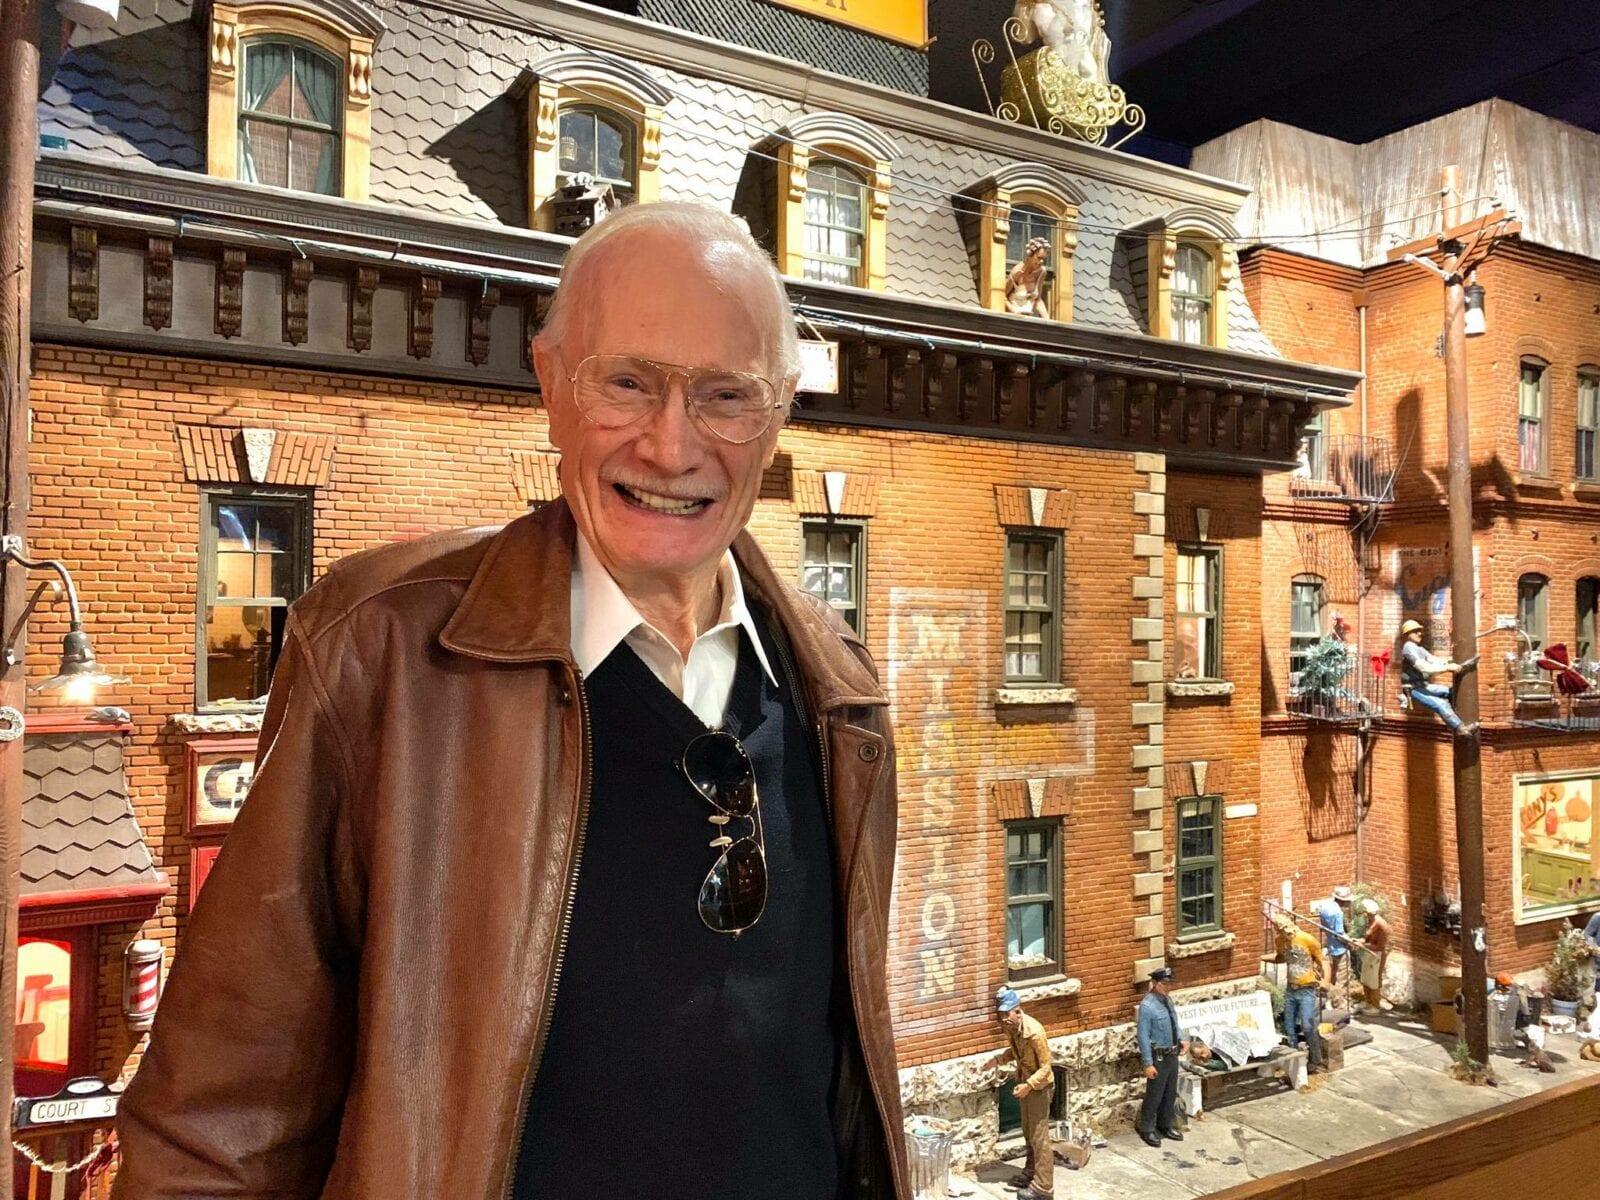 Image of Michael Garman in the Michael Garman Museum & Gallery in Colorado Springs, Colorado